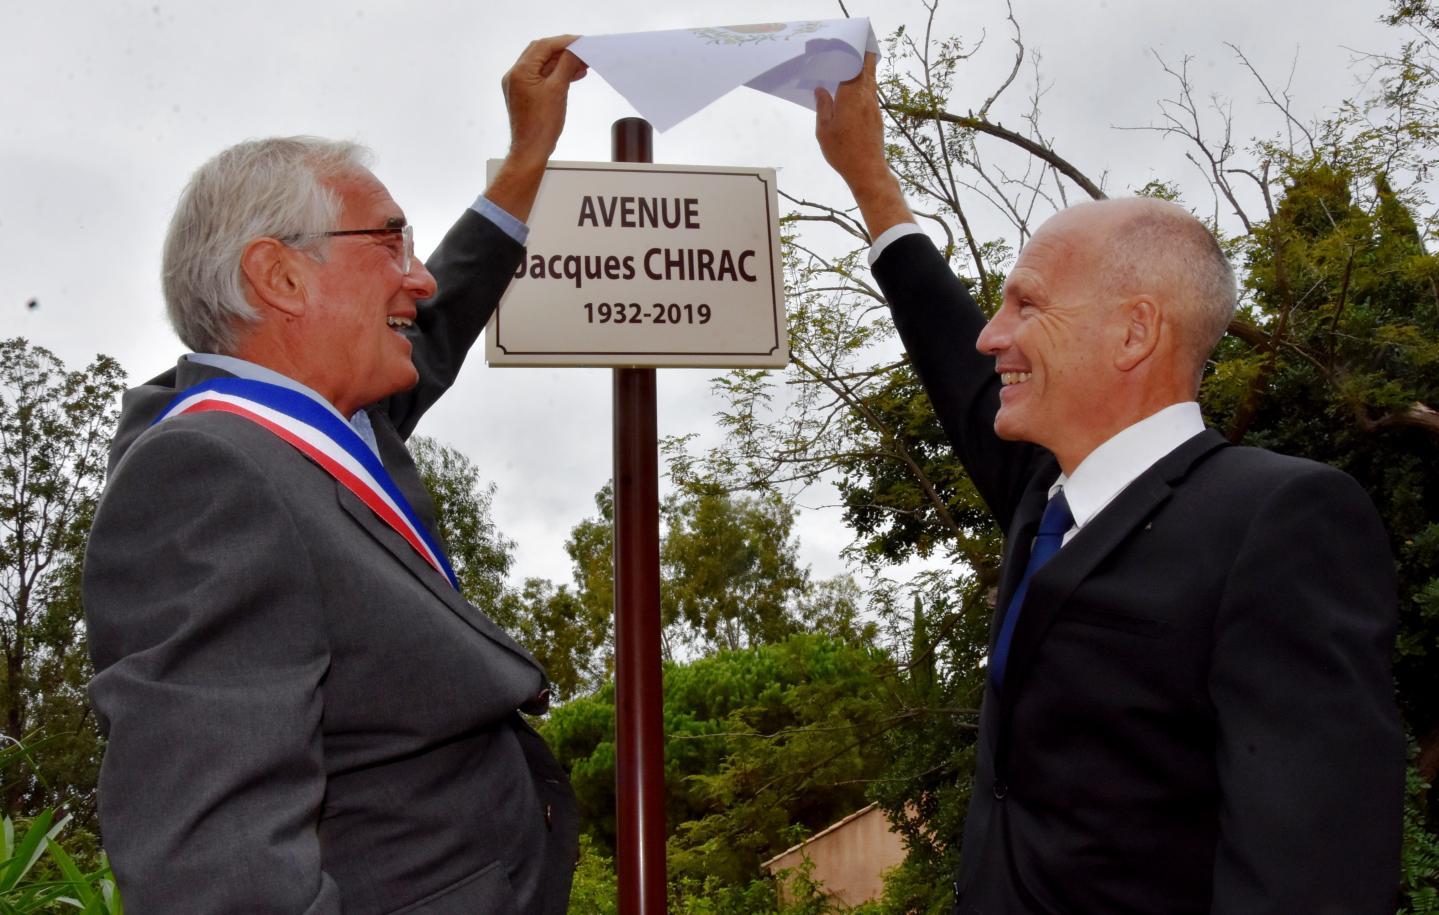 La nouvelle avenue officiellement inaugurée.